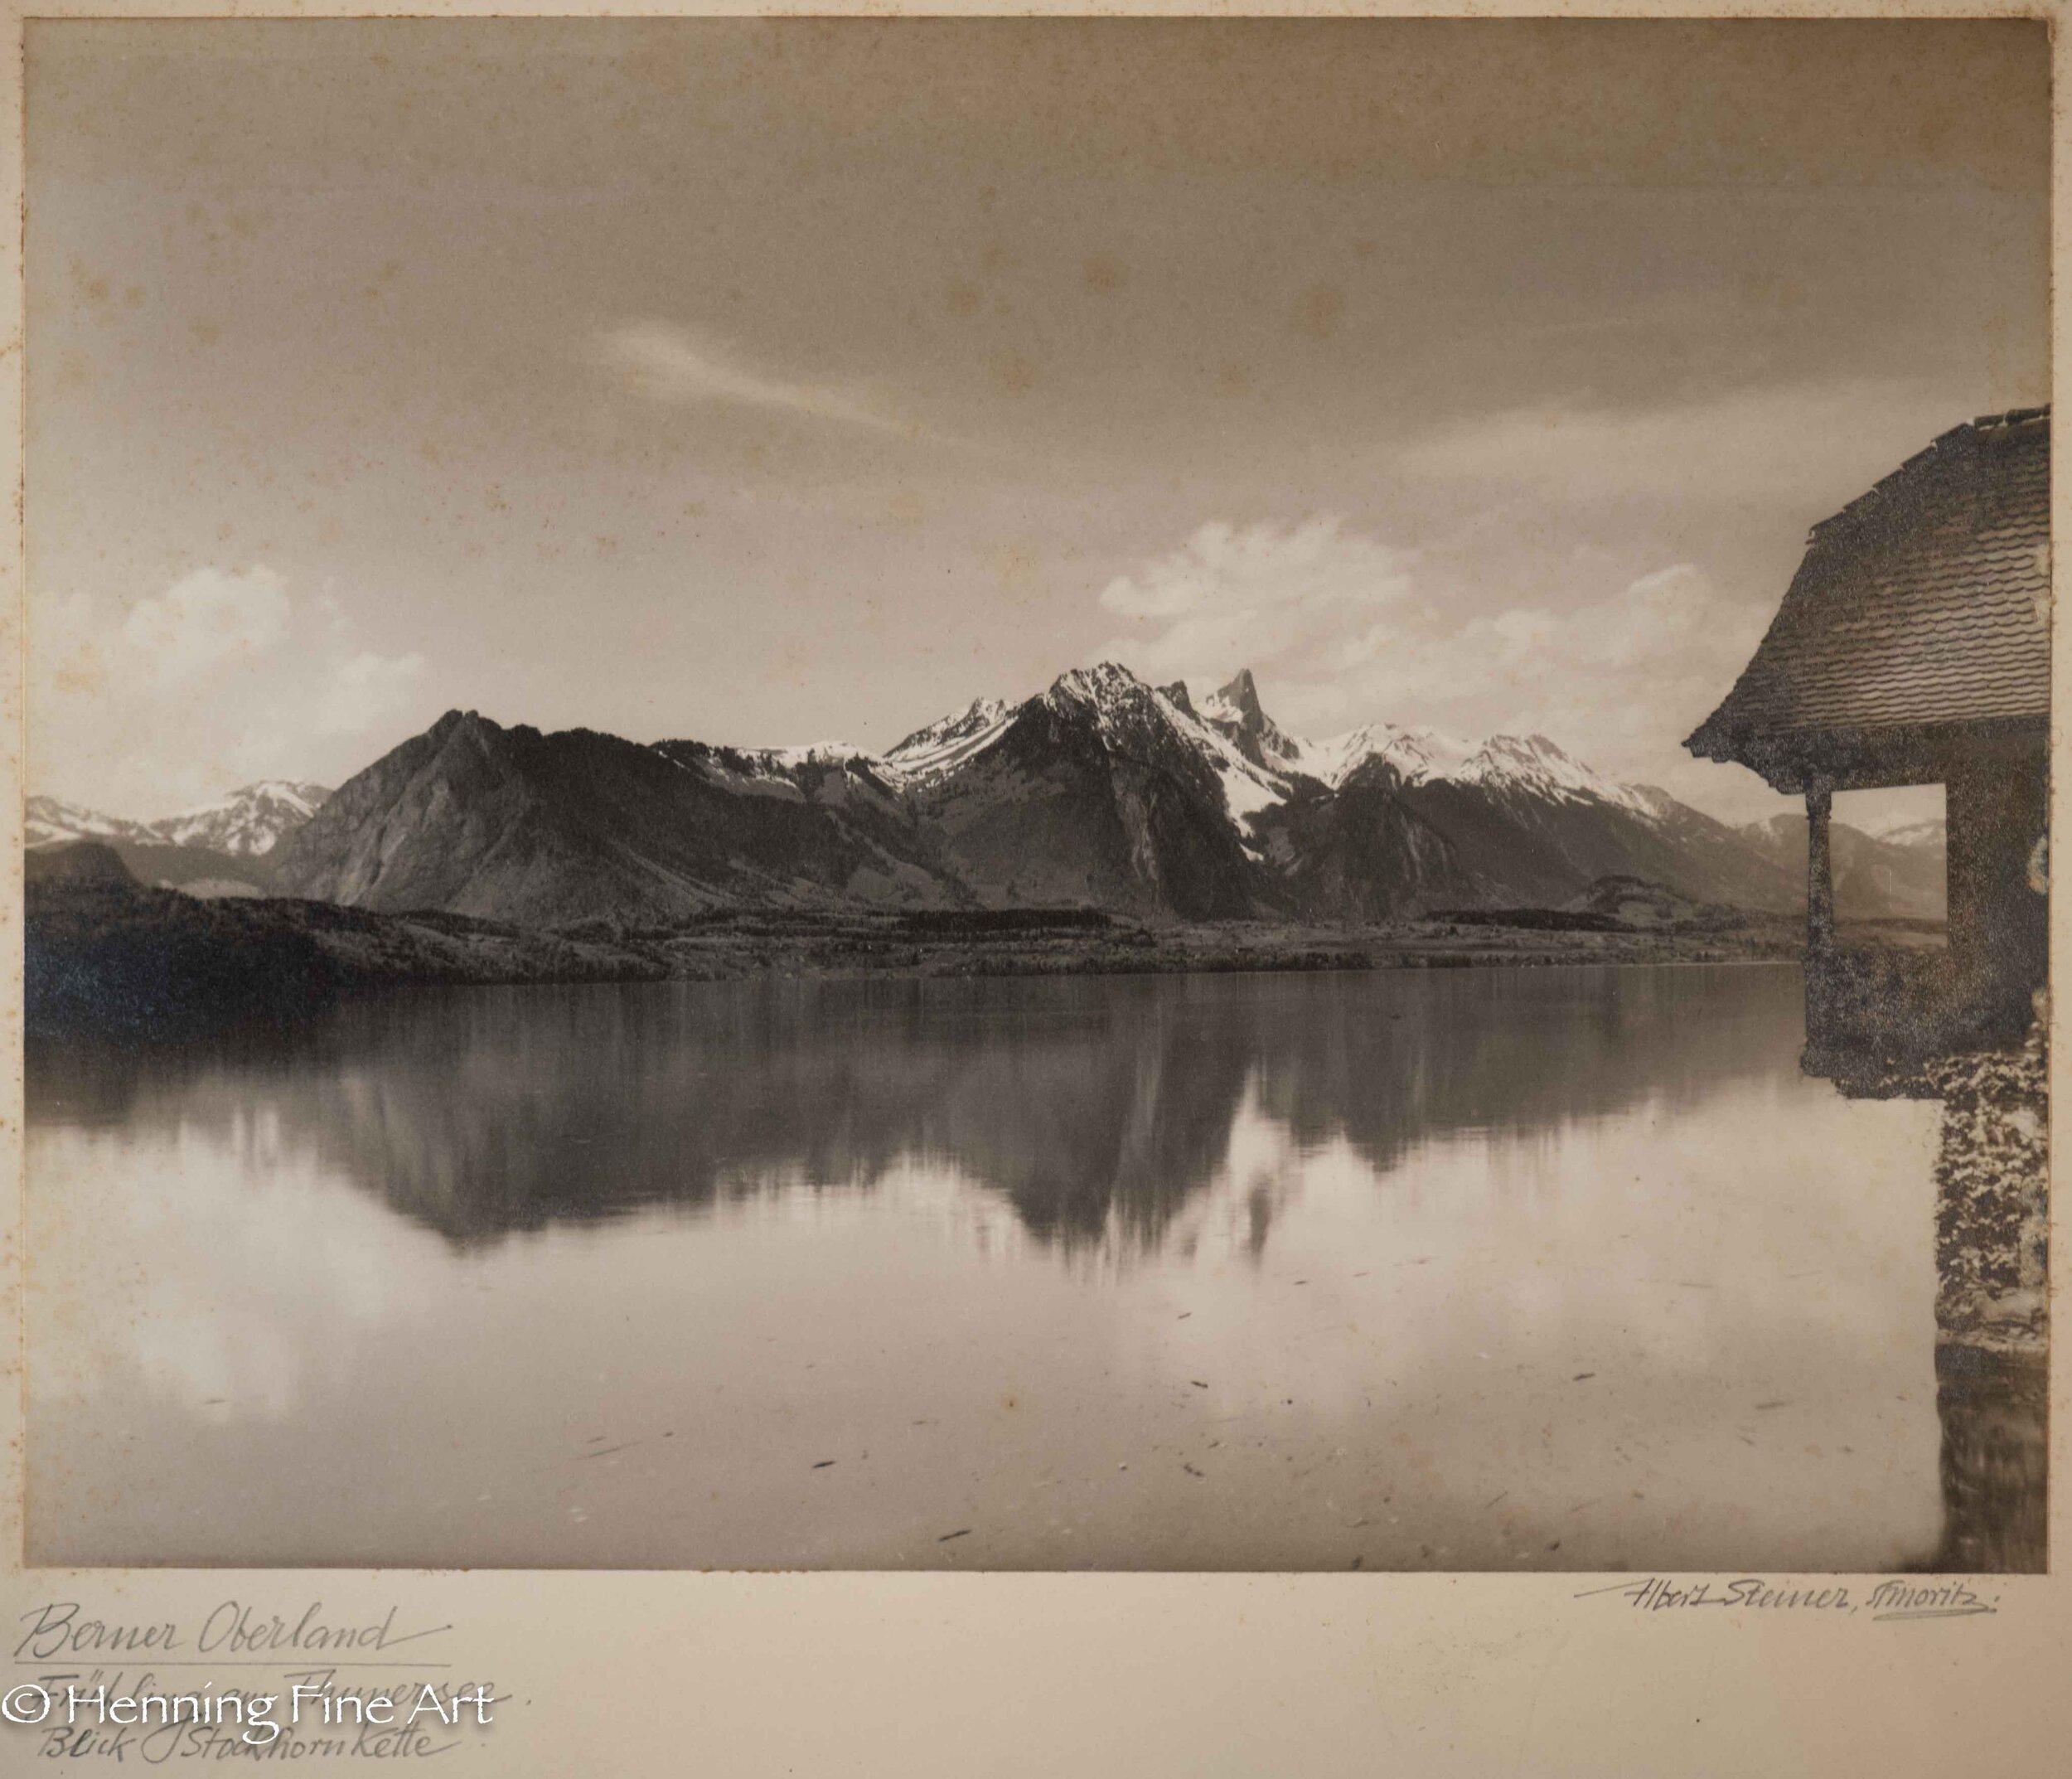 """Albert Steiner (1877 - 1965) """"Berner Oberland. Fruhling am Thunersee. - Blick Stockhornkette.""""  Image (6-7)"""